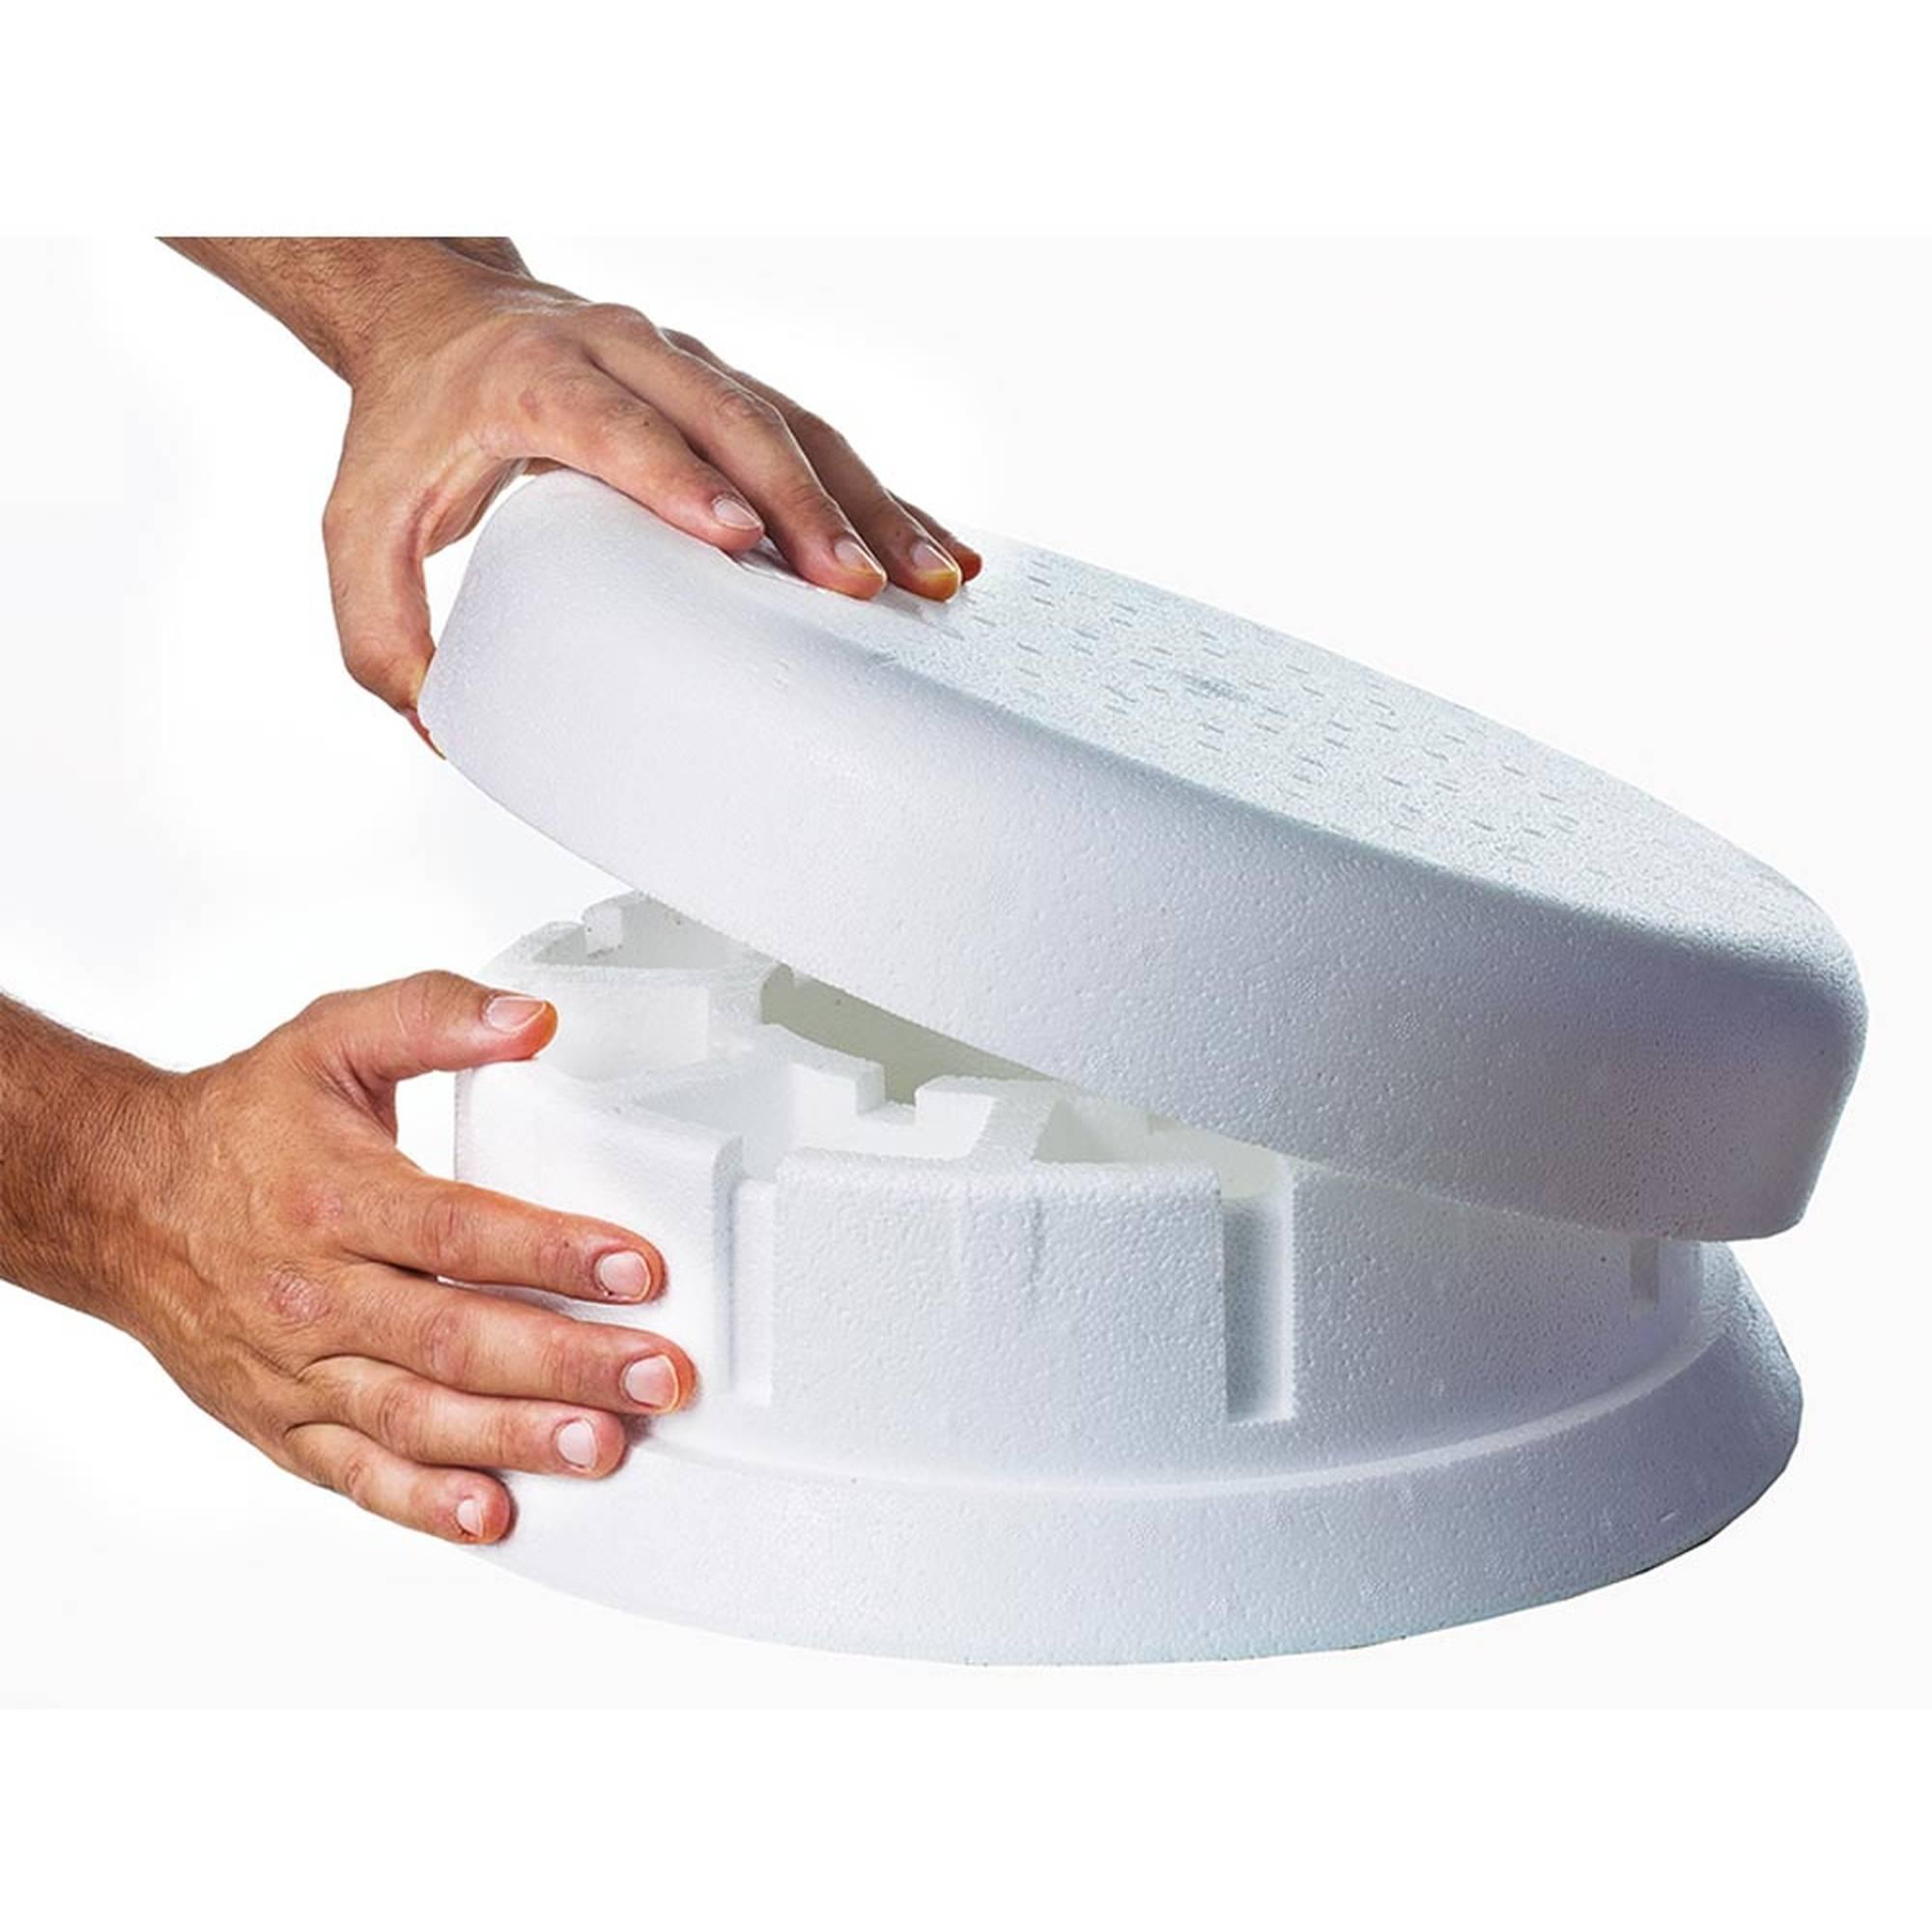 Eisfreihalter 25 cm, Winterschutz für Ihren Teich von Heissner